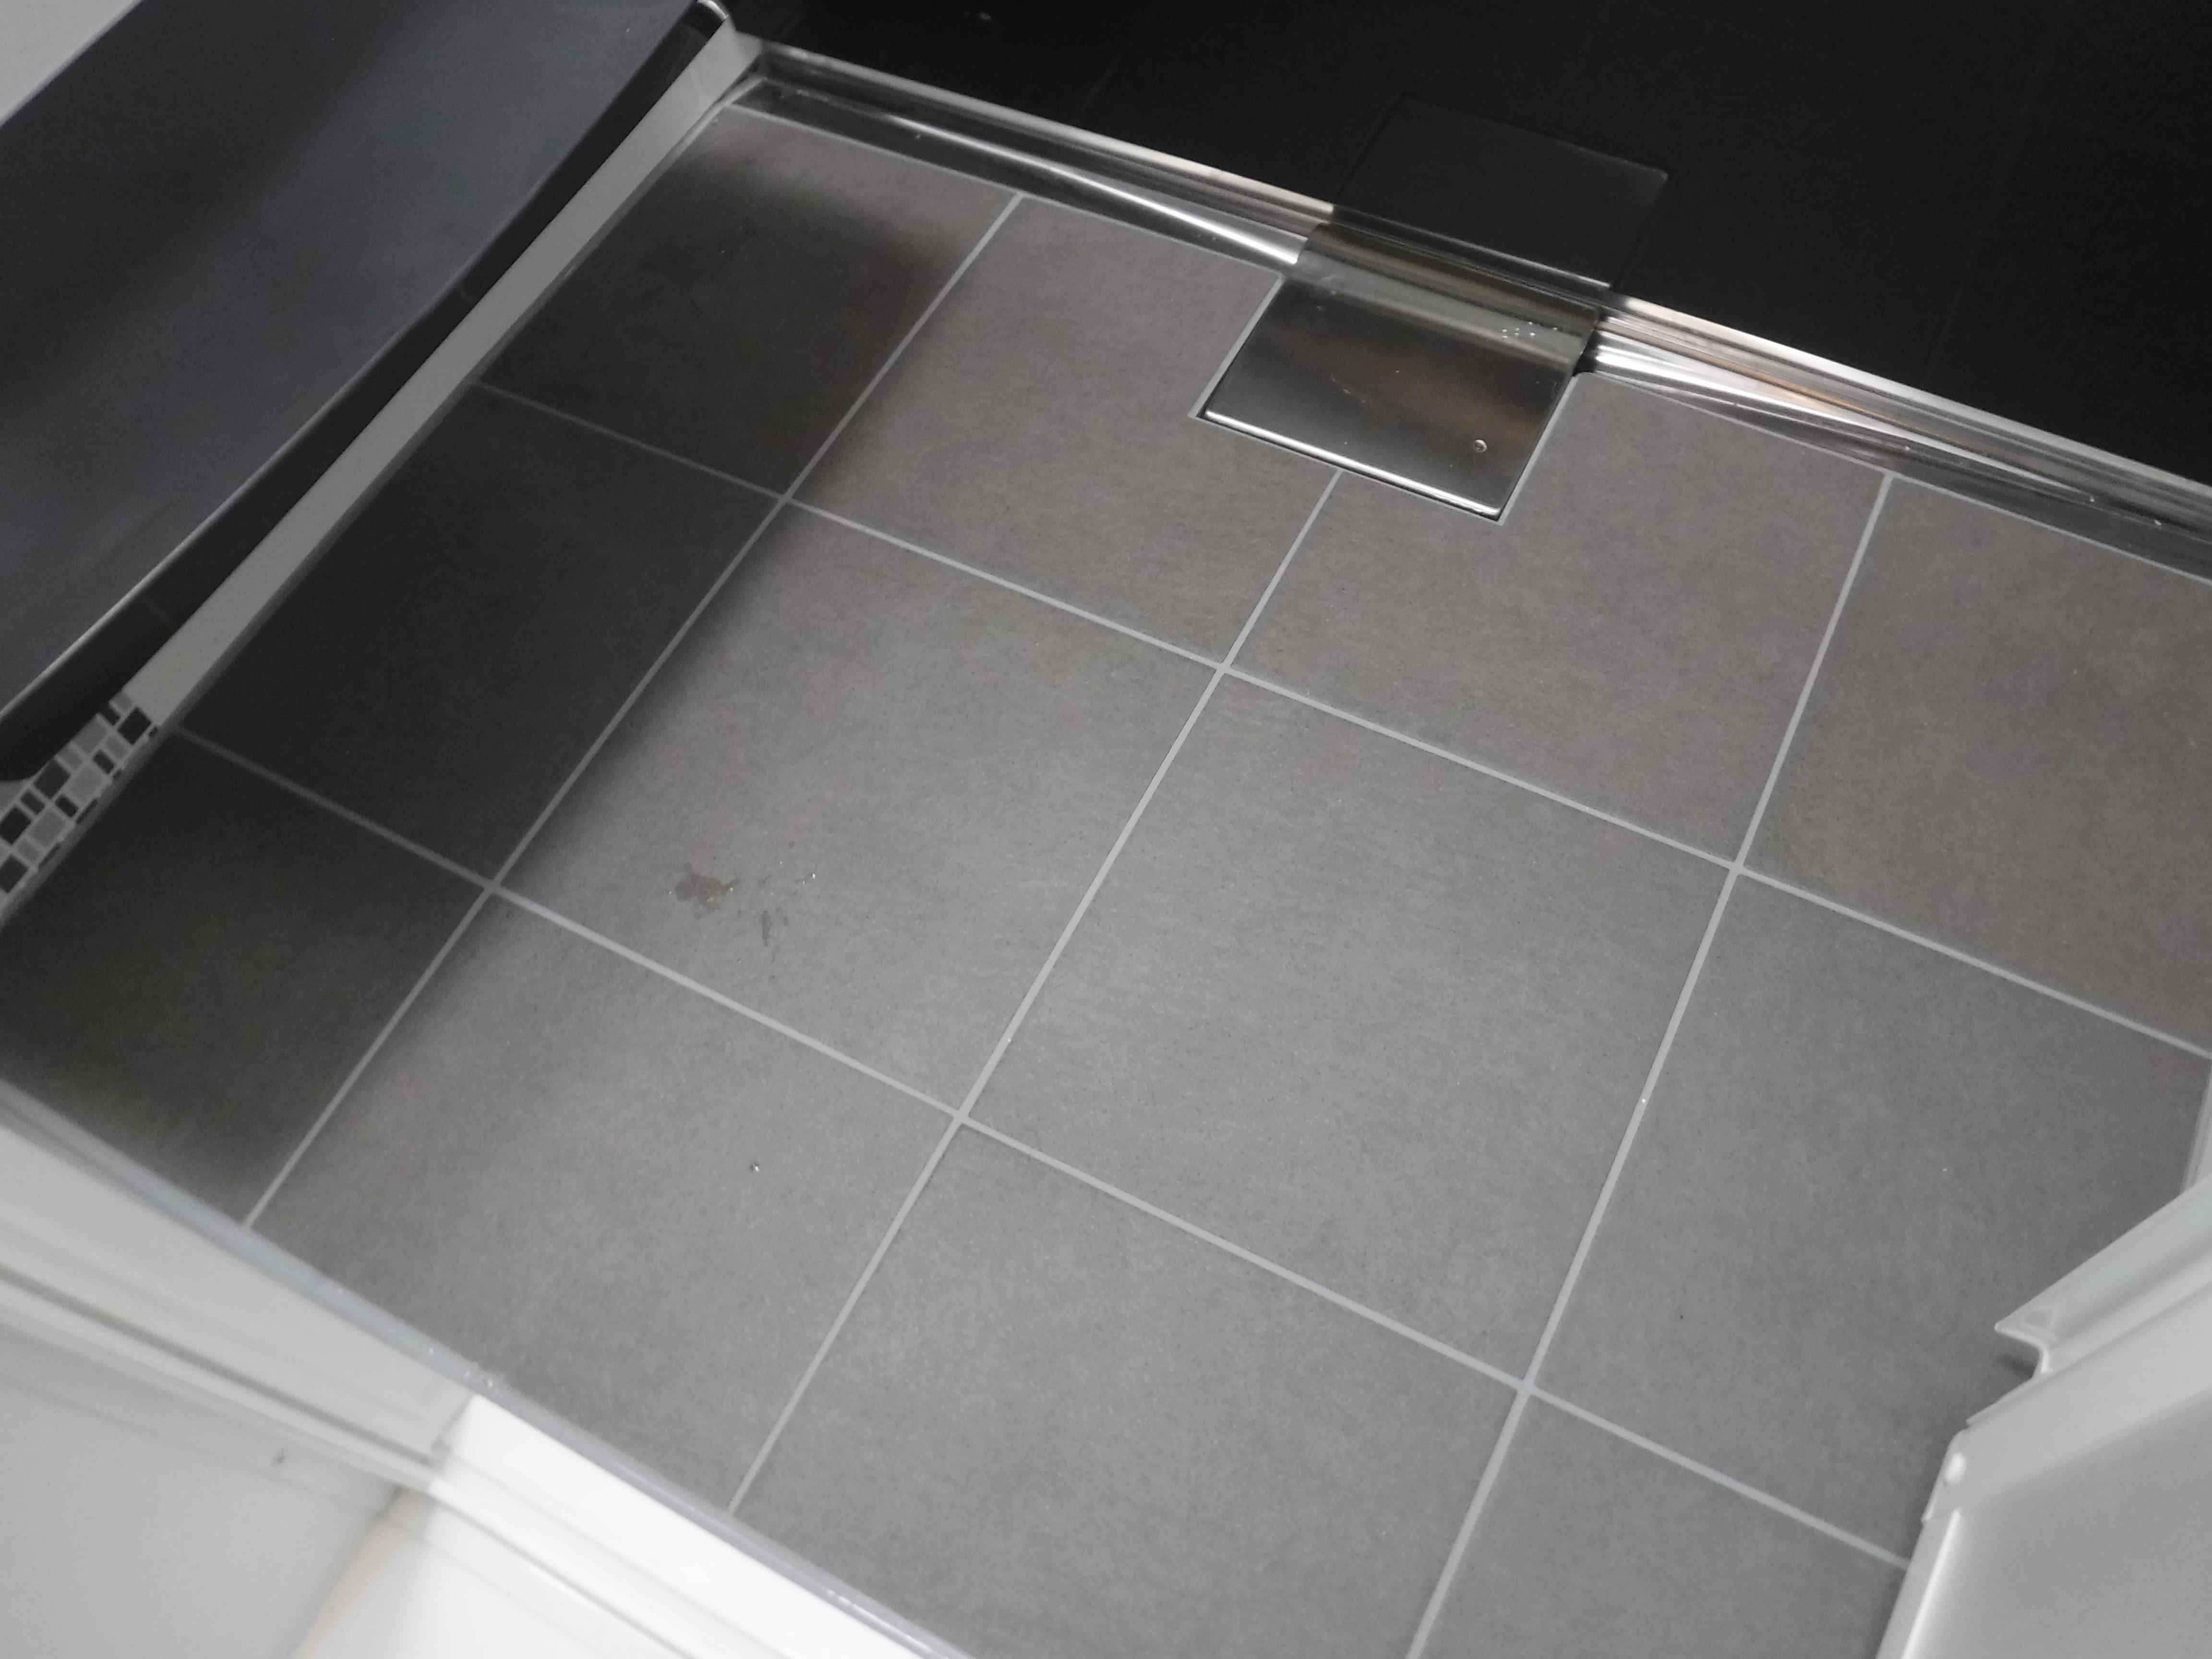 浴室もやっぱり! 伸びの美浴室 洗い場床